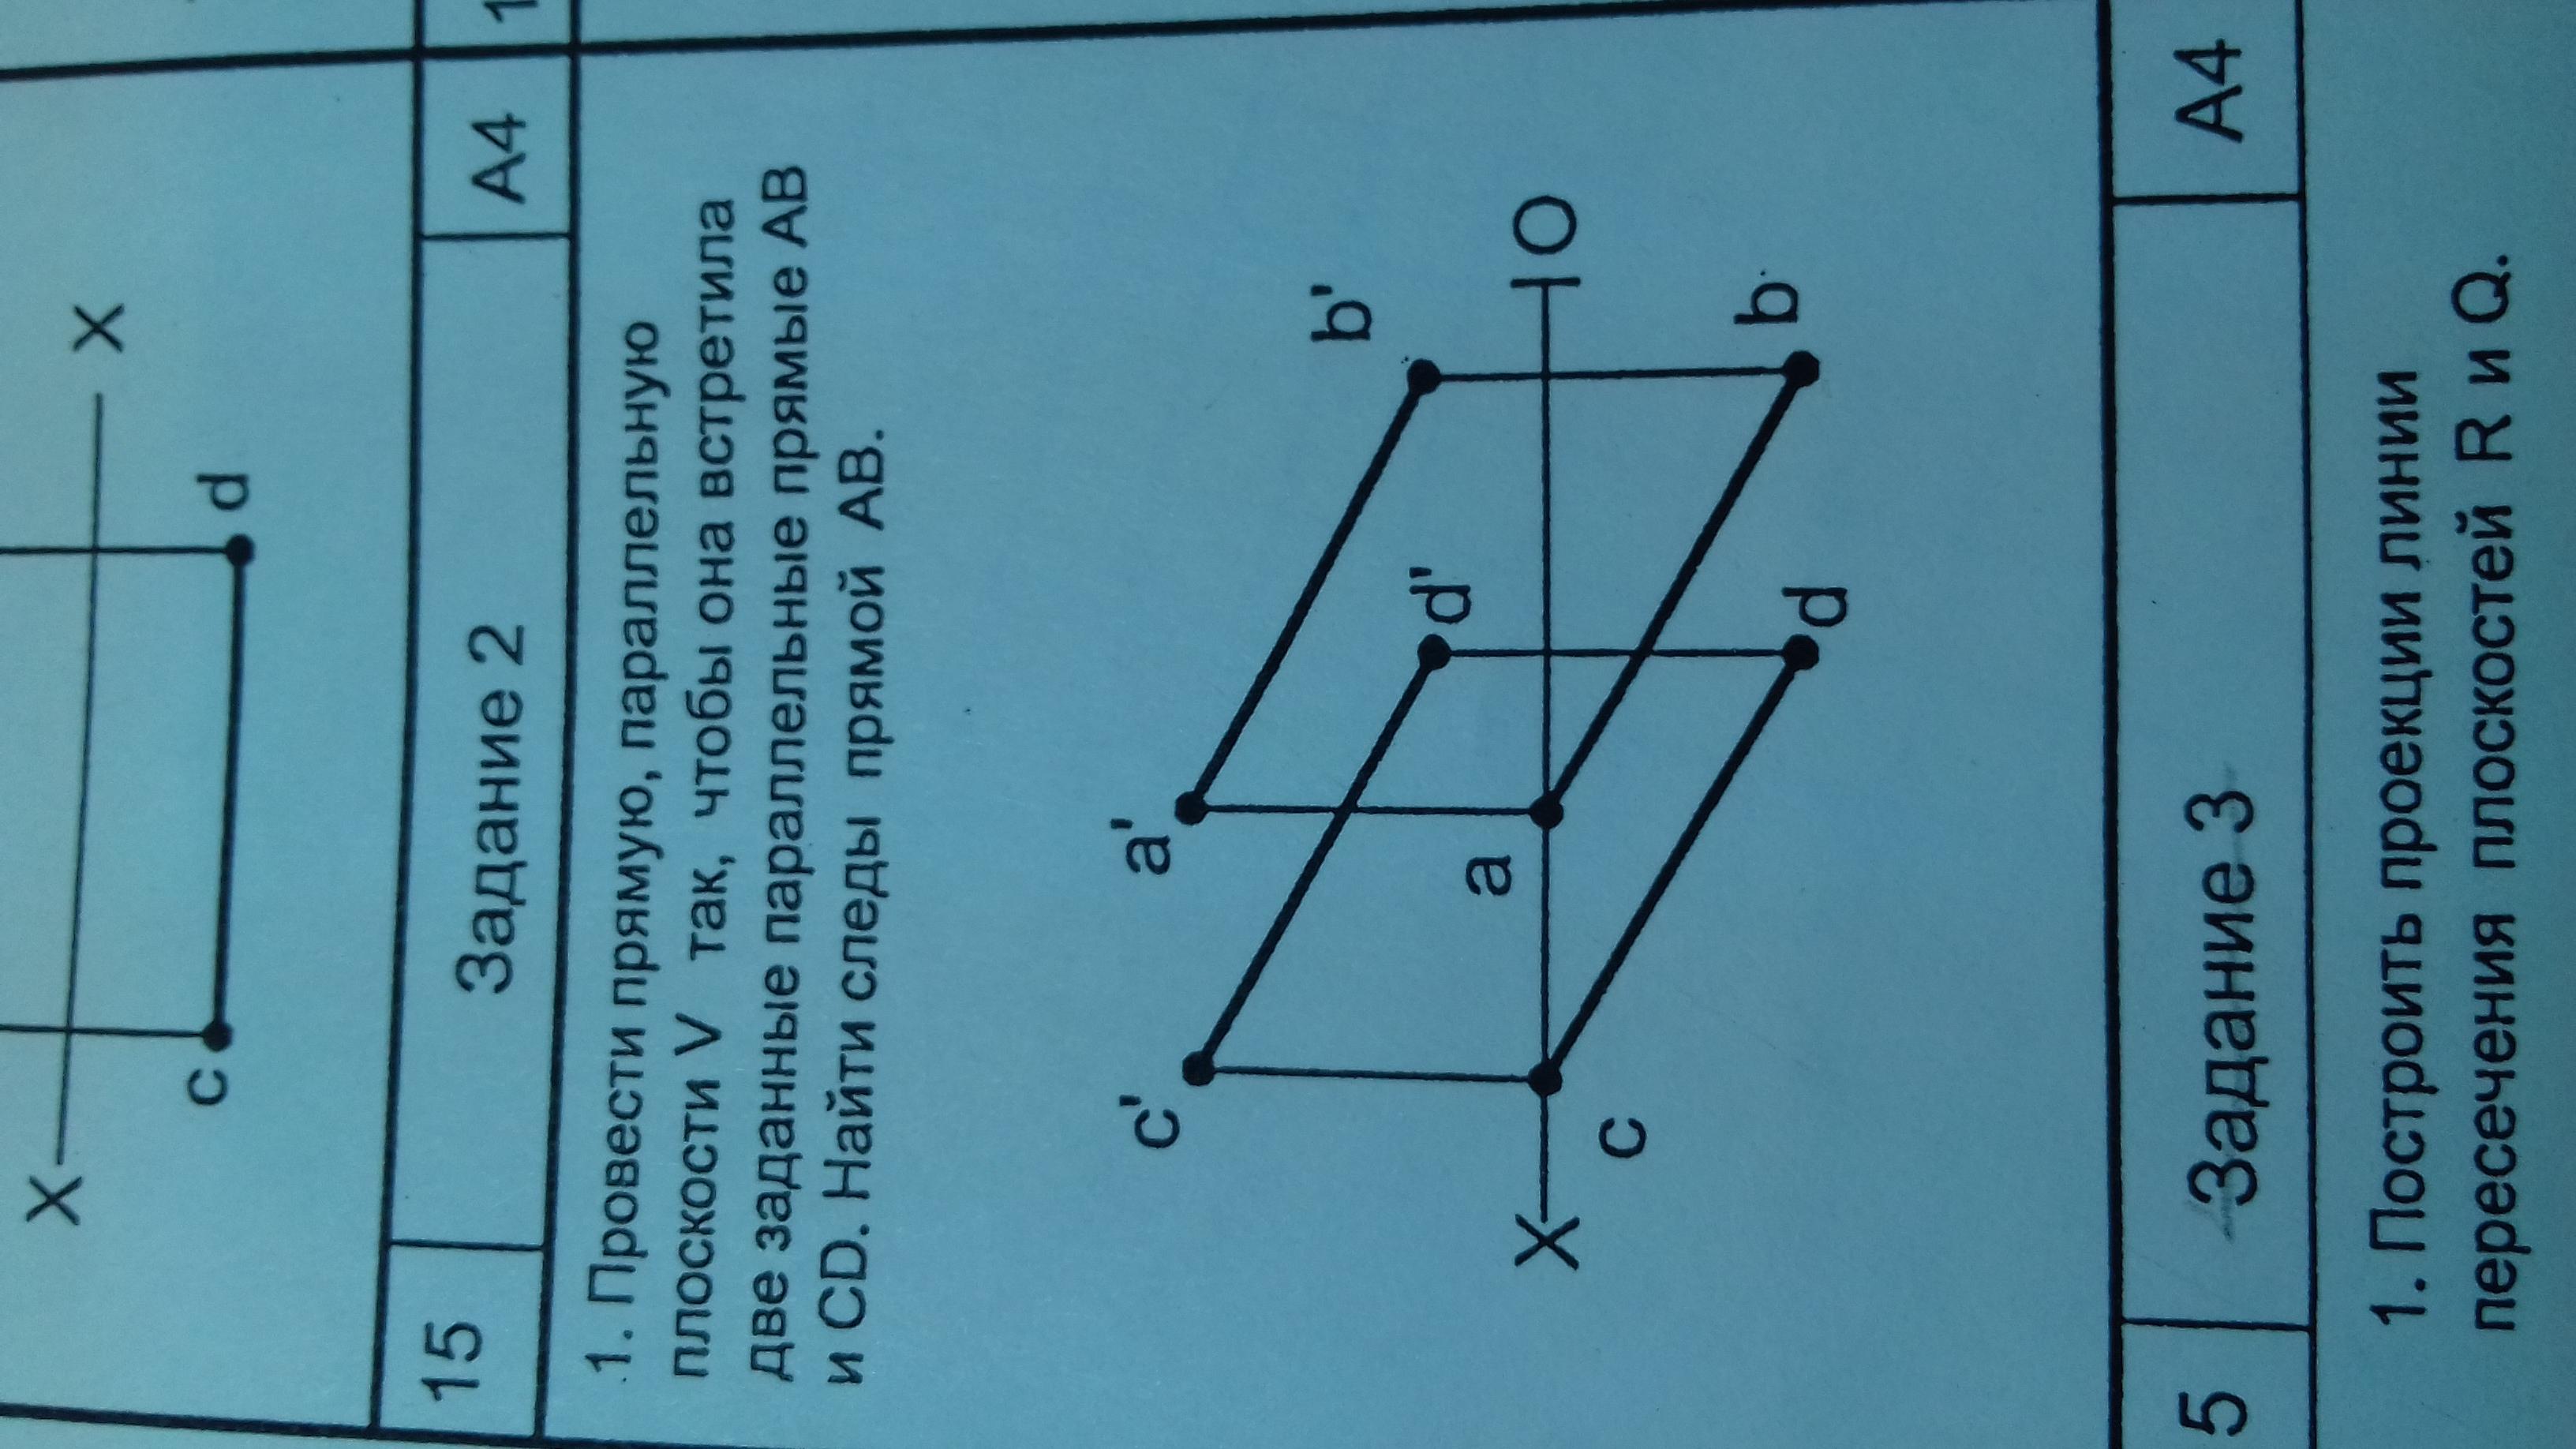 Провести прямую параллельную плоскости V, так чтобы она встретила две заданные параллельные прямые AB и CD?